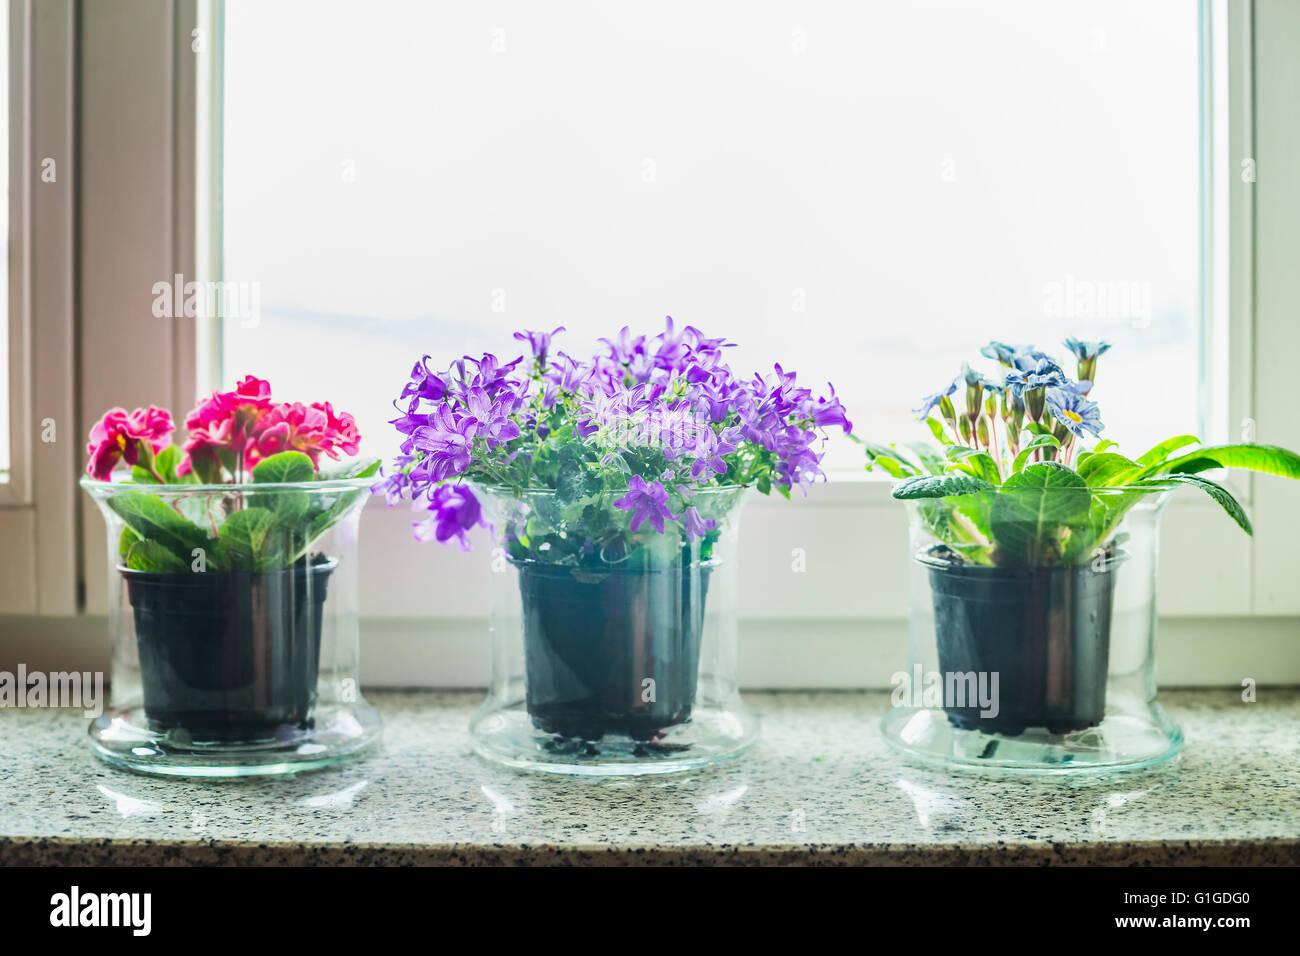 Schone Dekoration Mit Glas Blumen Topfen Auf Der Fensterbank